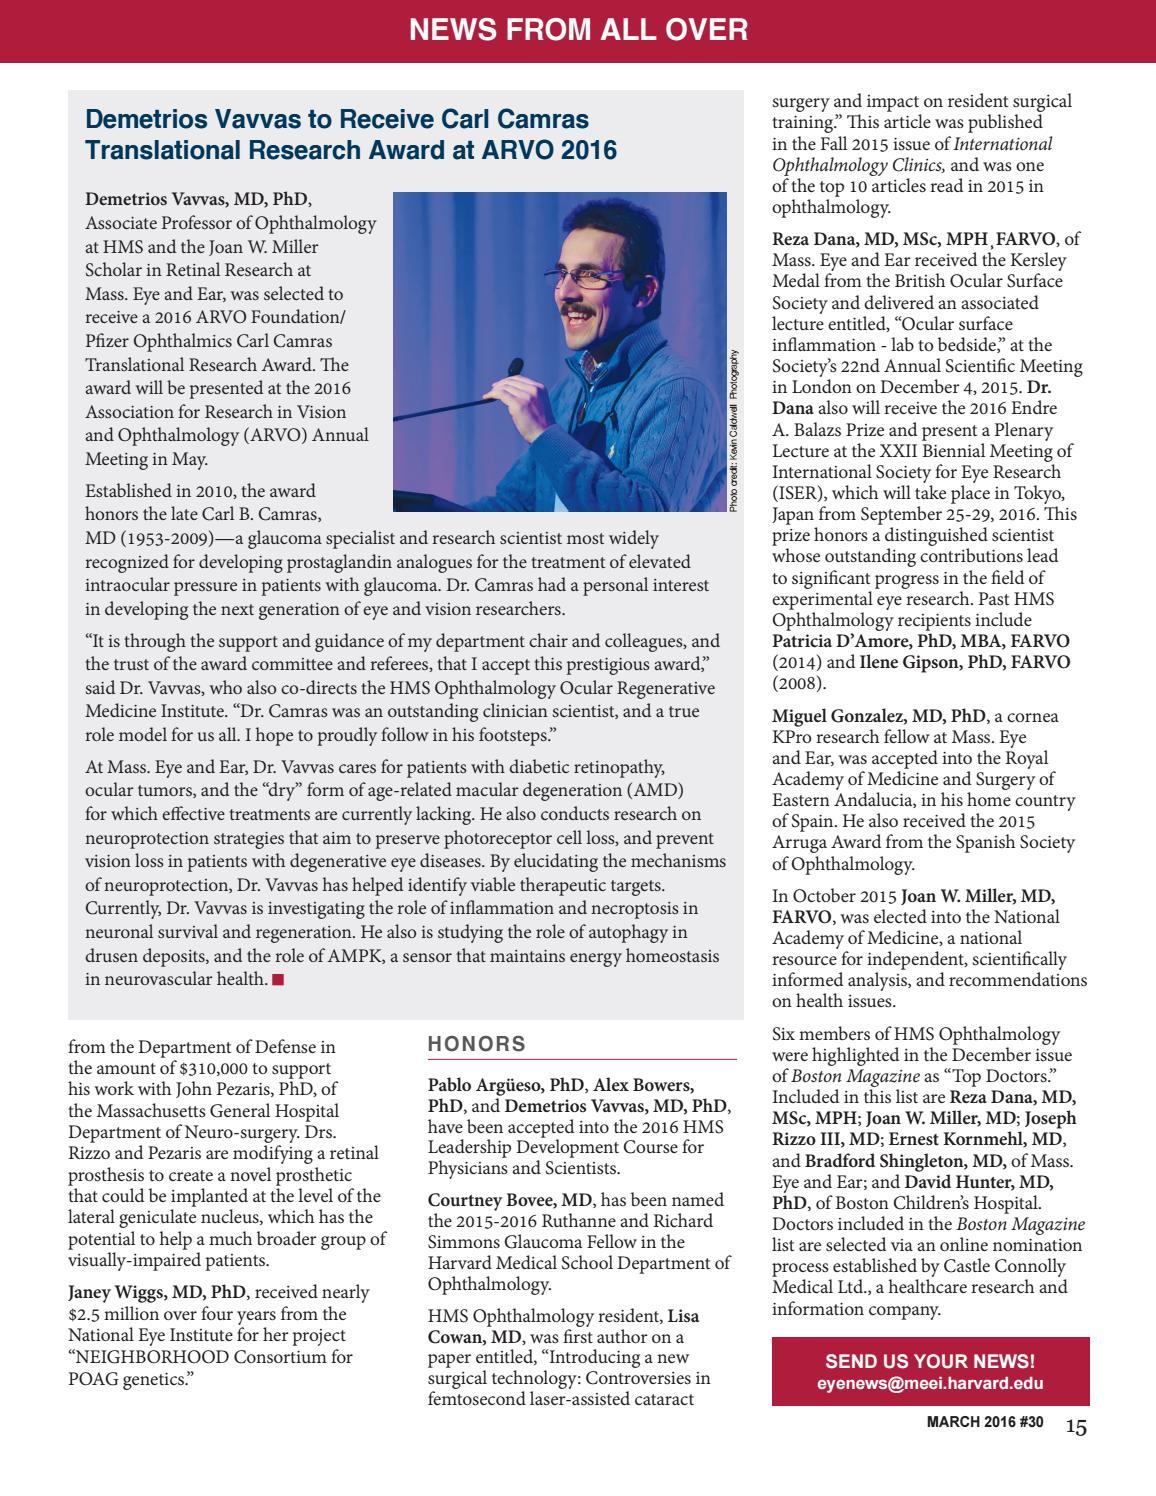 Eyewitness Newsletter #30 by Harvard Medical School Department of